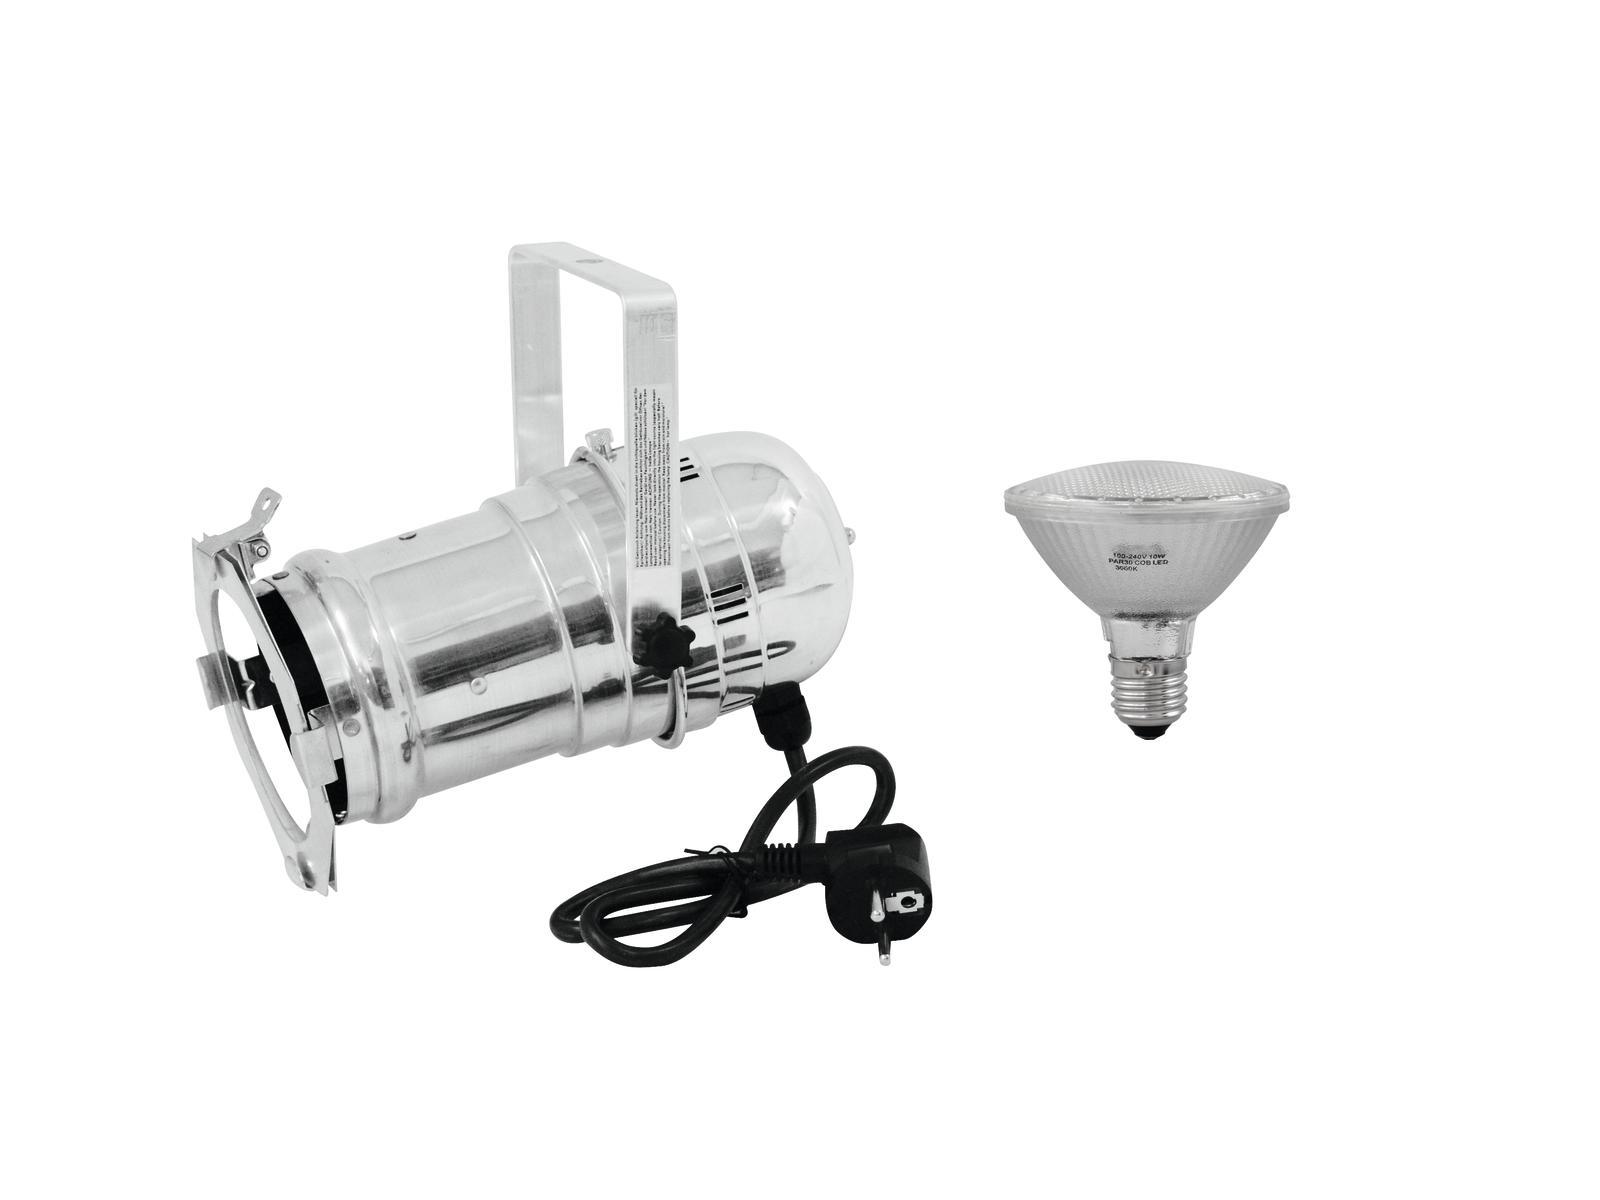 EUROLITE Impostare PAR-30 Spot sil + PAR-30 230V SMD 11W E-27 LED 3000